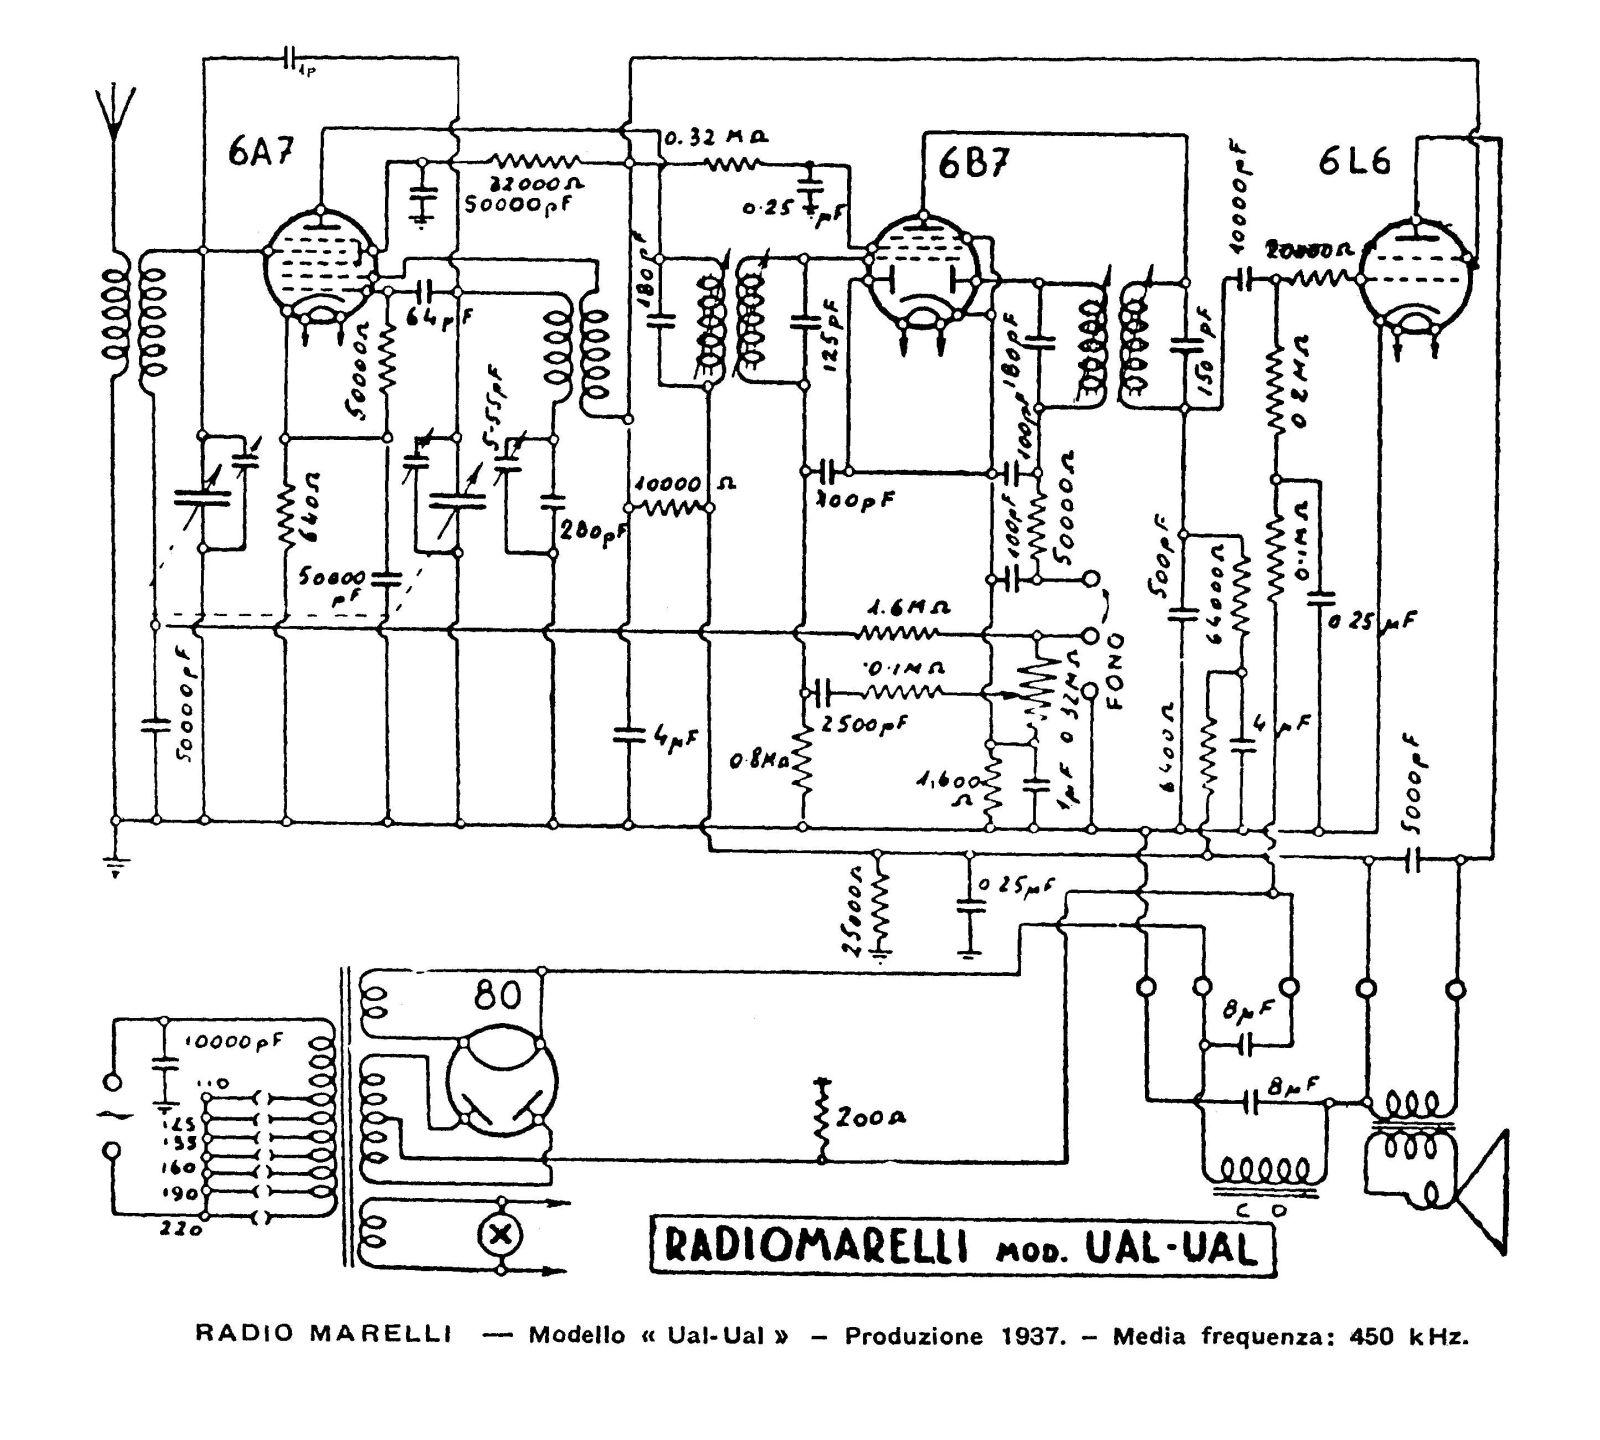 radiomarelli ual ual